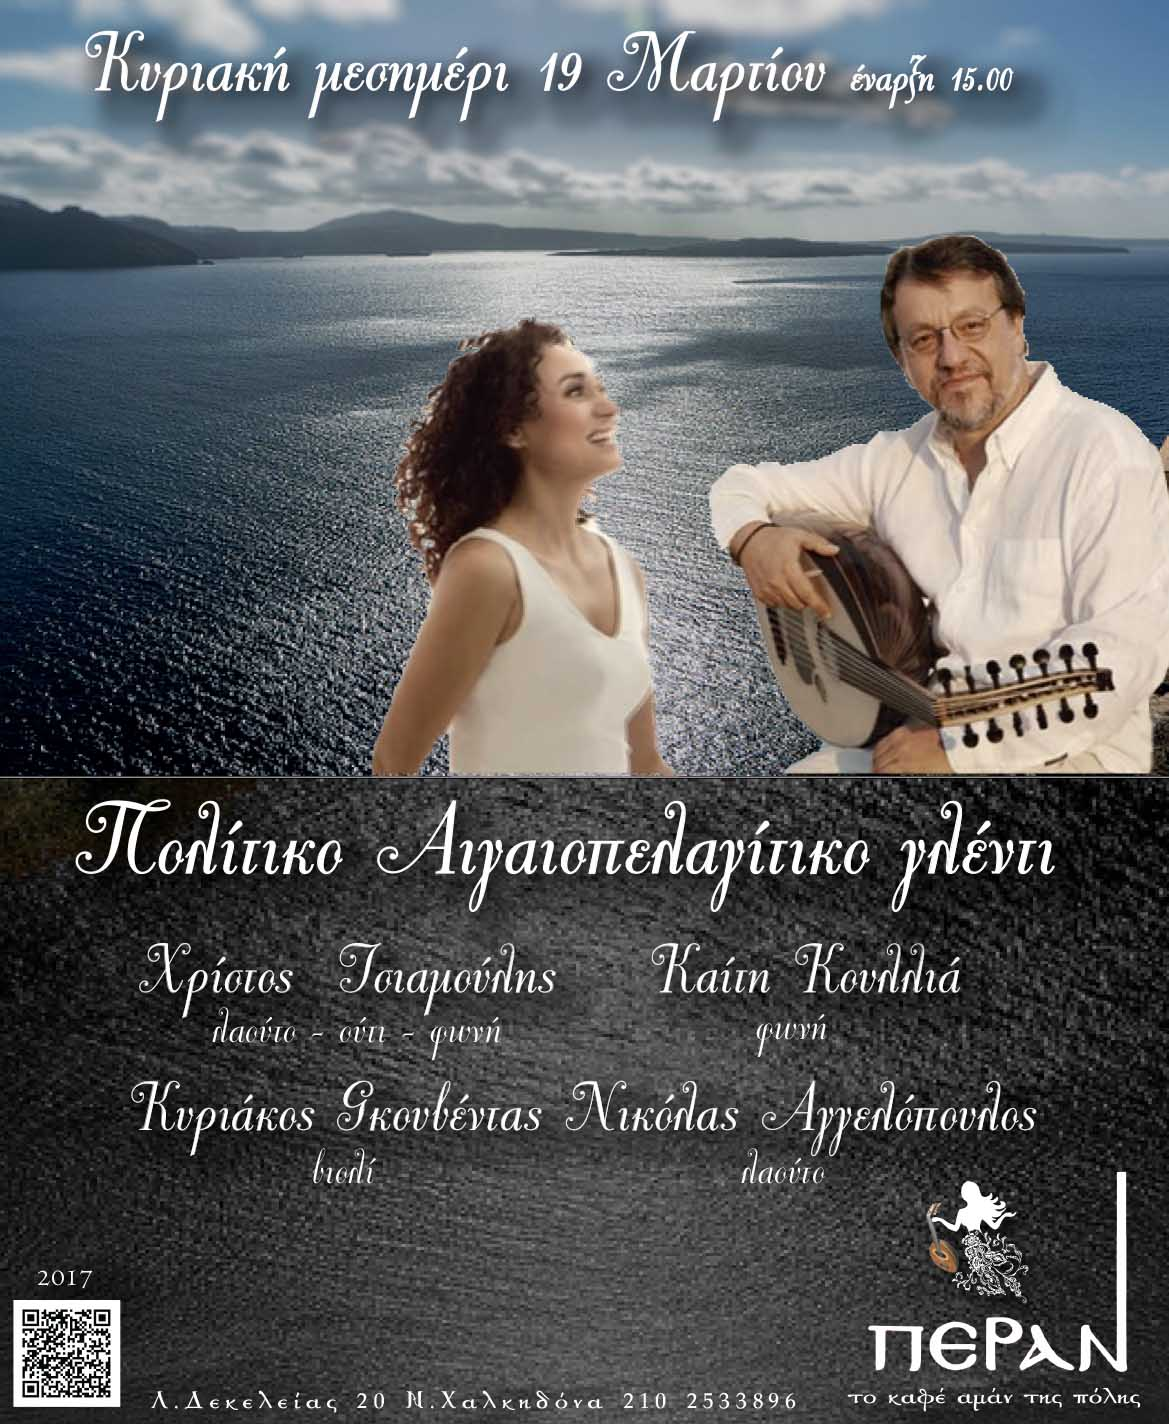 TSIAMOYLIS-KOYLLIA 19-3